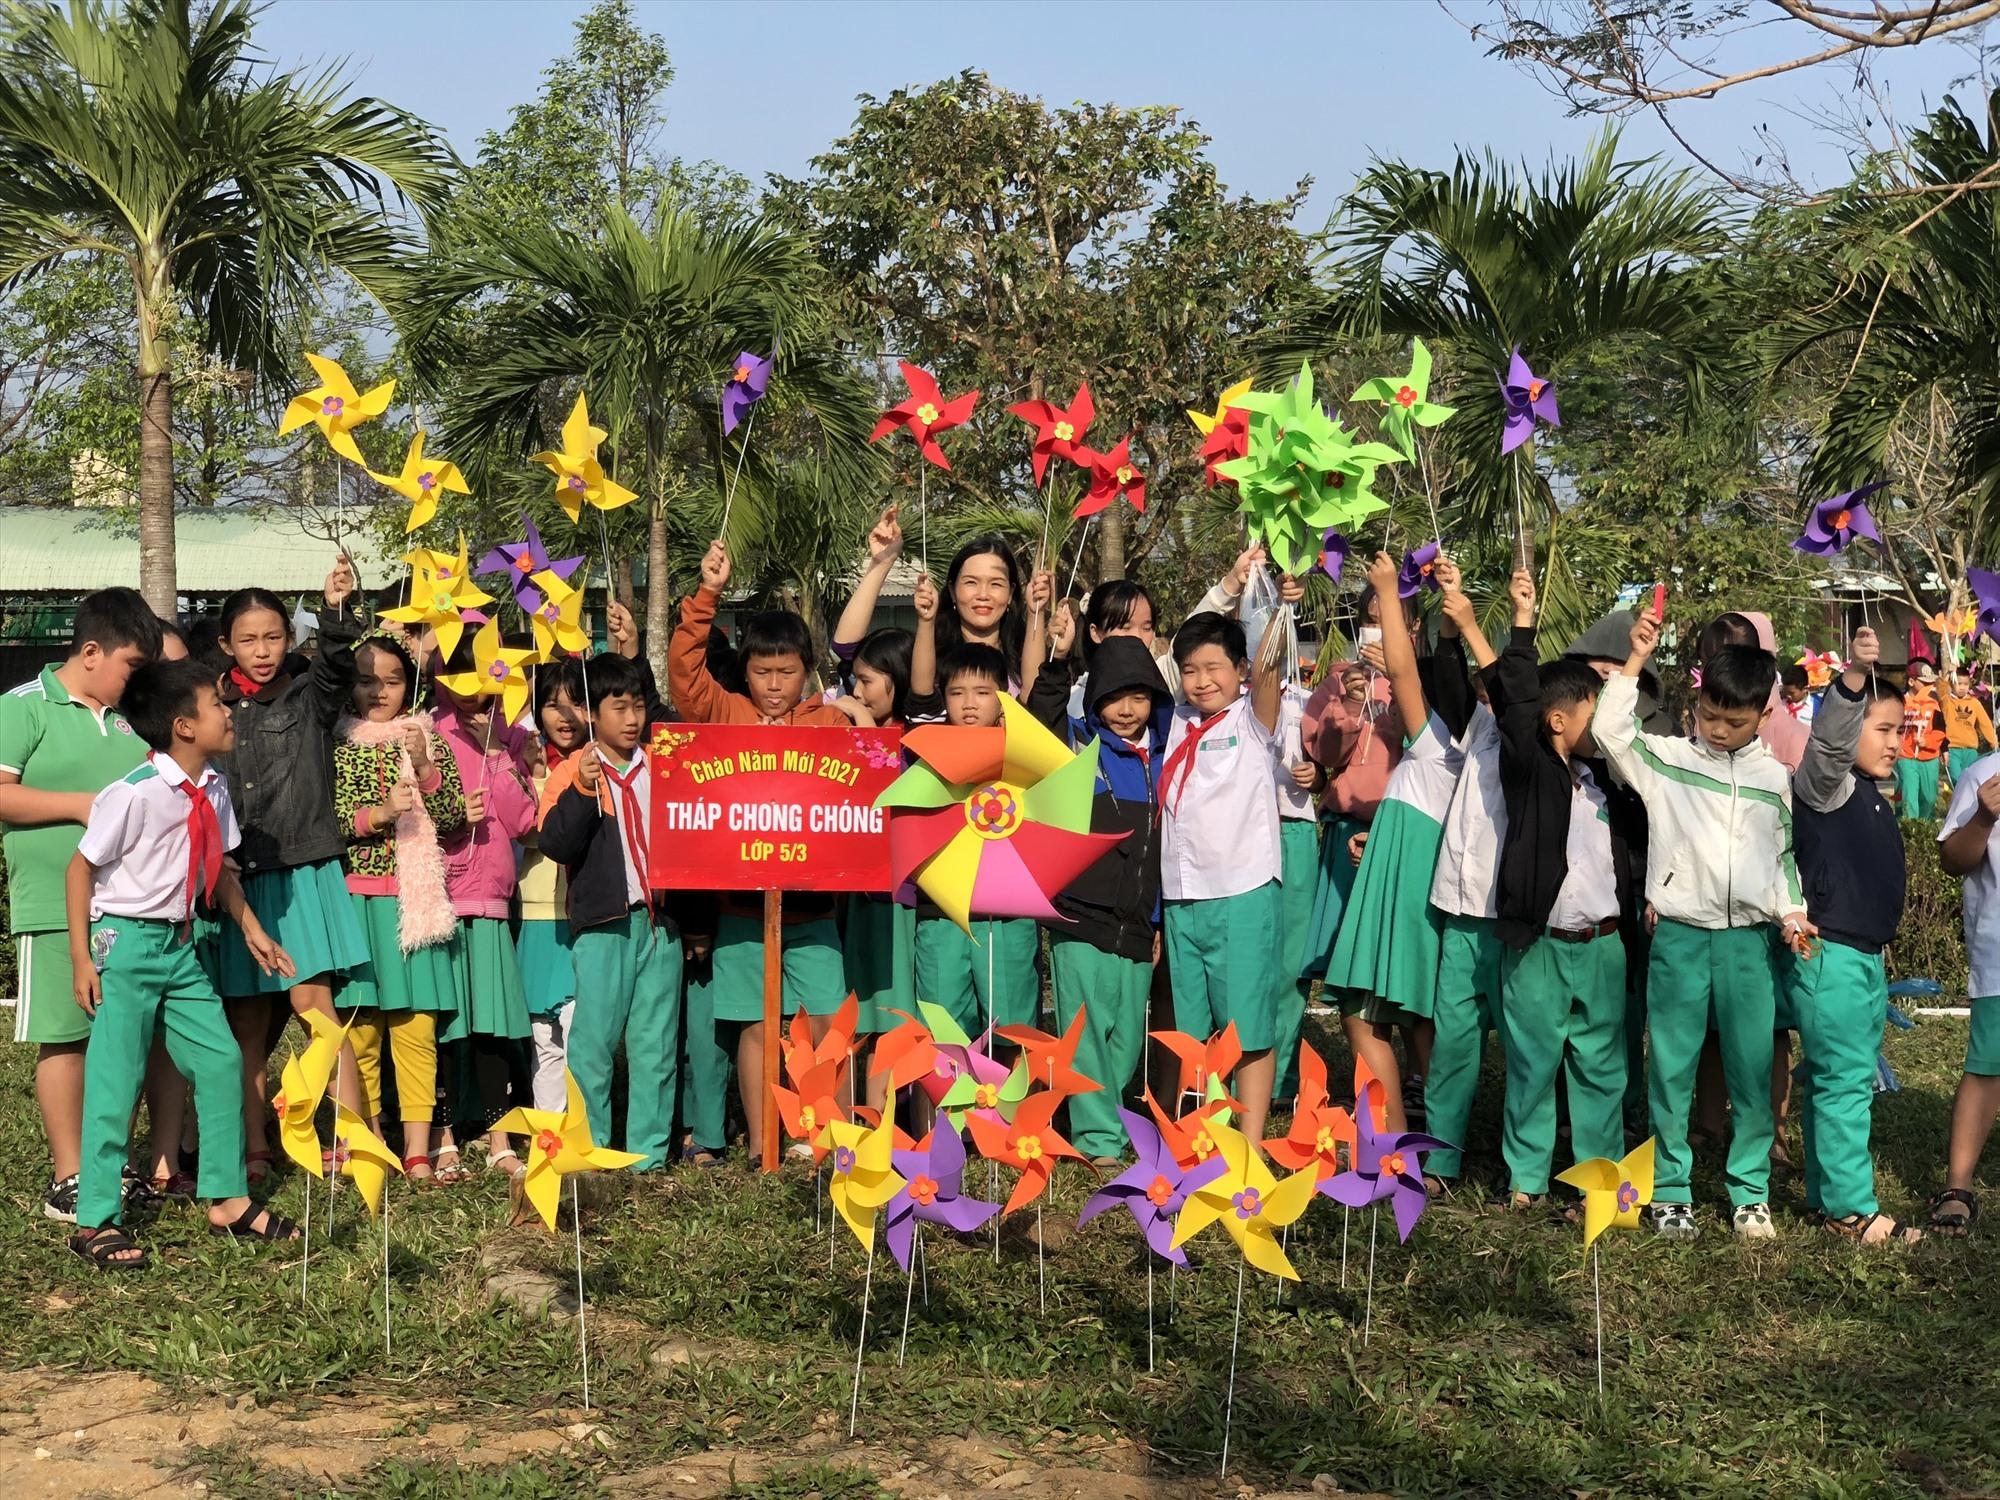 Khu vườn chong chóng ở sân trường Trường Tiểu học Lê Thị Hồng Gấm (Tam Kỳ) Ảnh: C.N